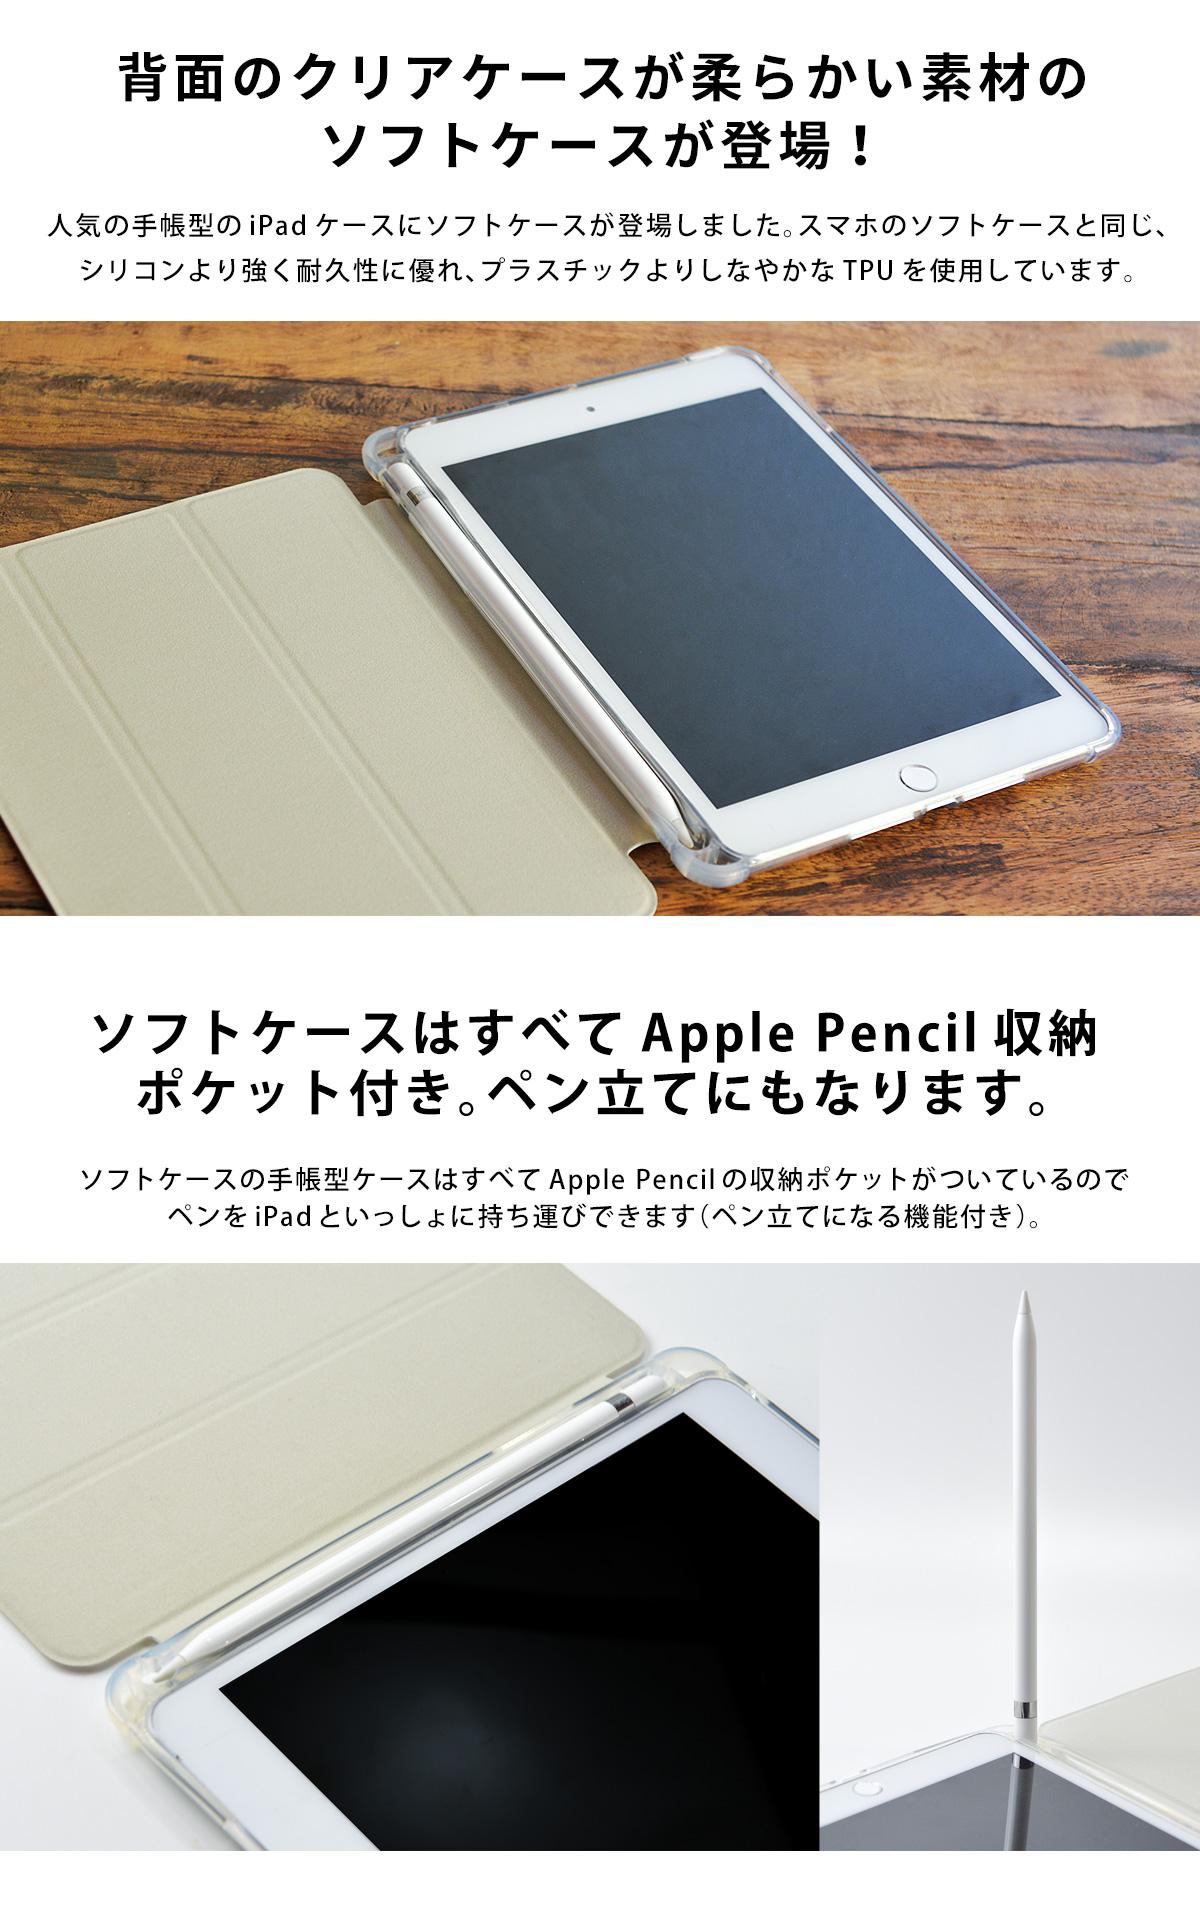 iPadケースにソフトケースが登場!Apple Pencil収納ポケット付き